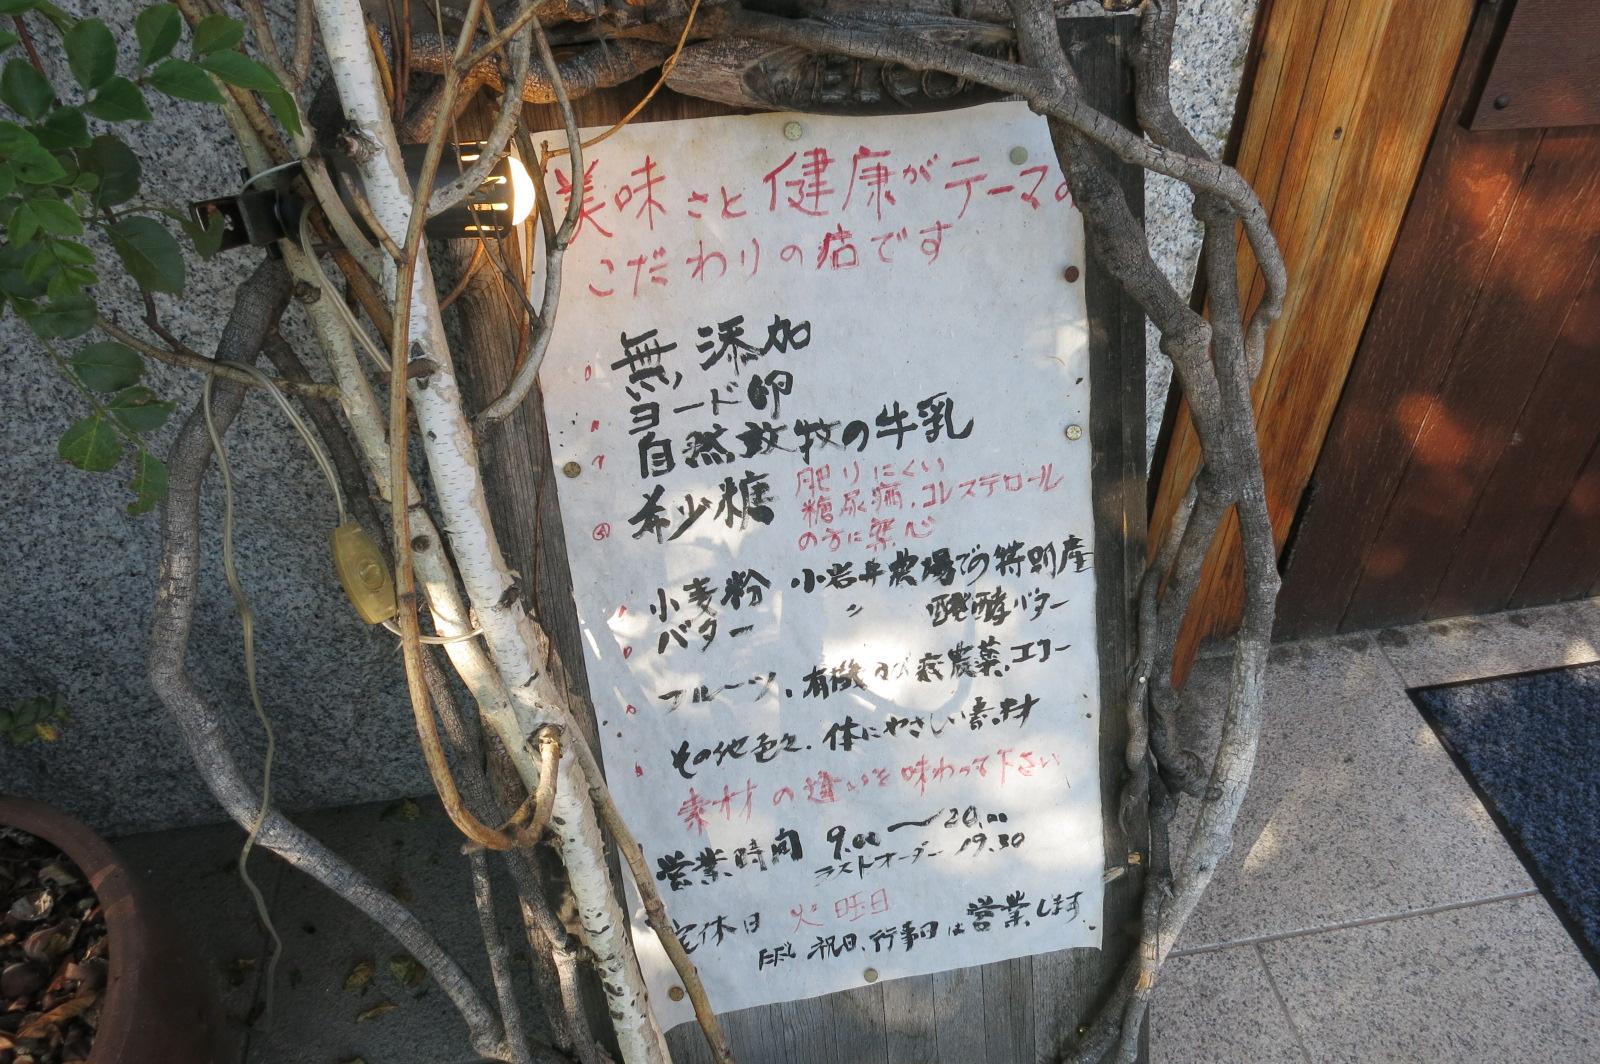 長弓寺から車で数分にある「川端風太郎」。ケーキなどで有名なお店。せっかくなので立ち寄ってみました。